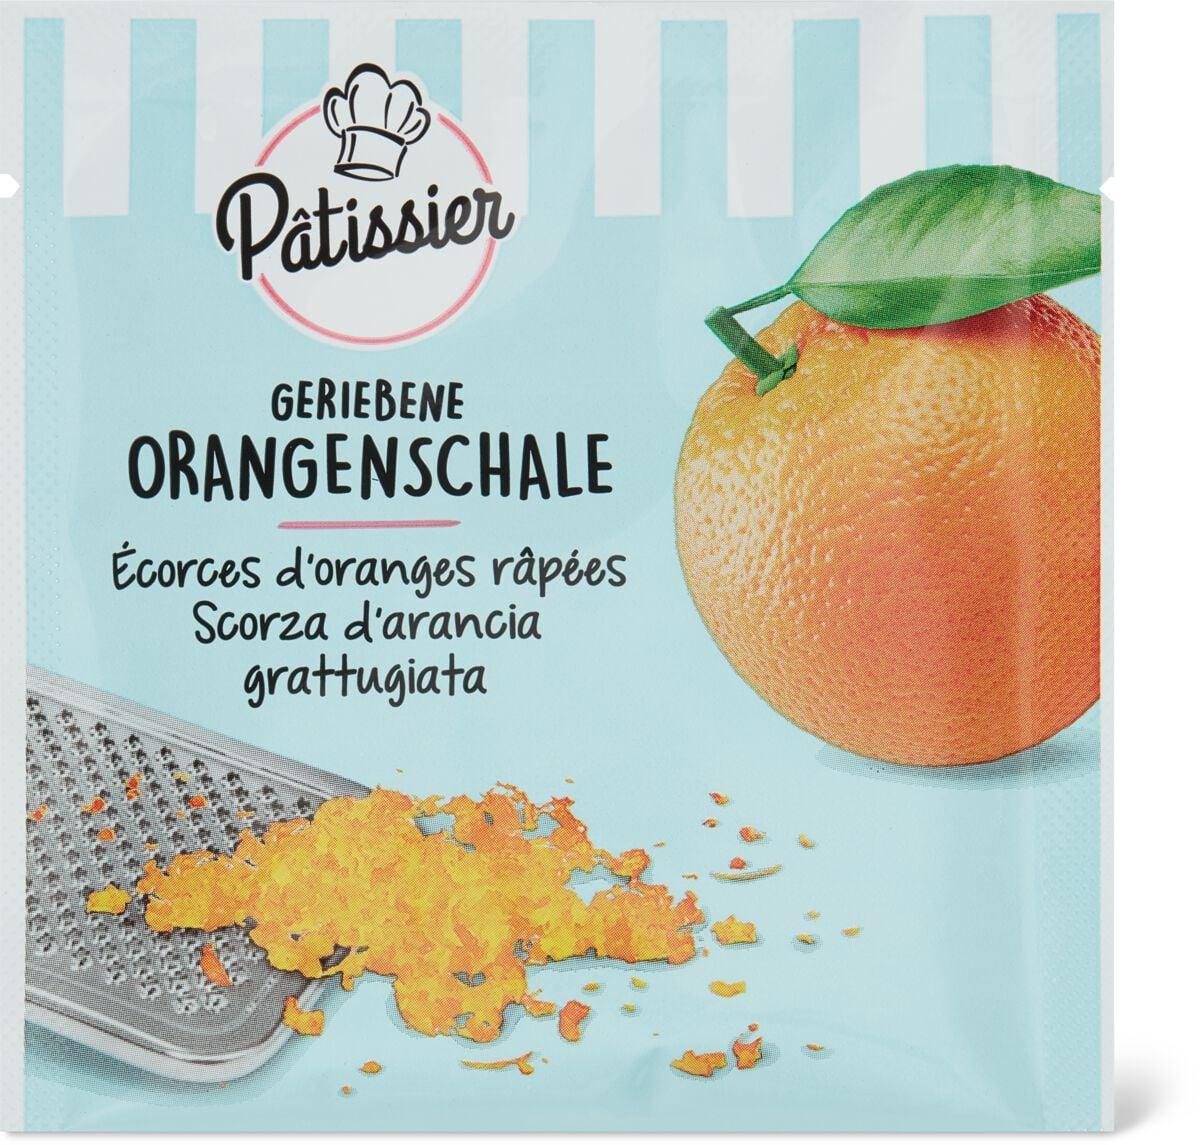 Patissier geriebene Orangenschale